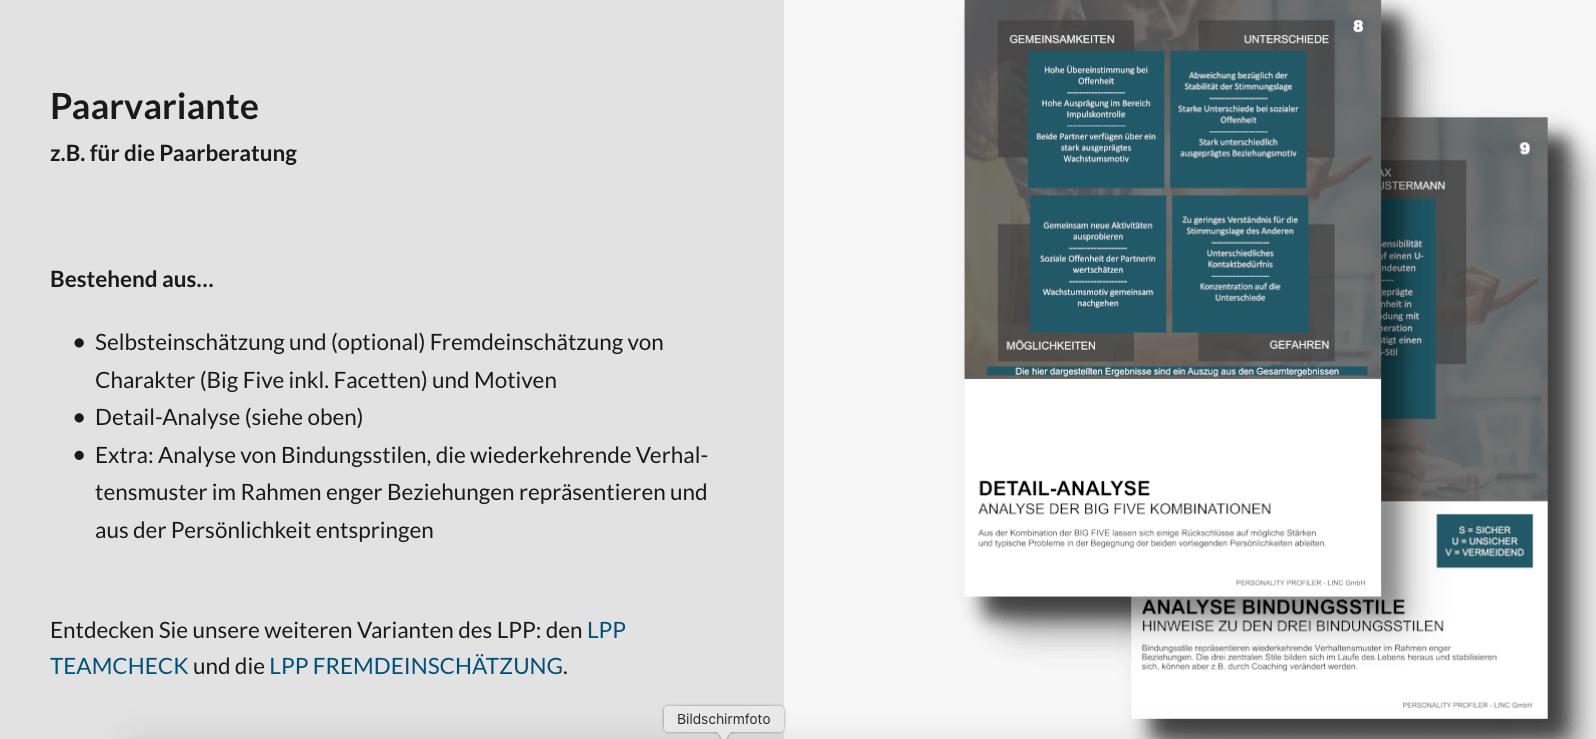 Bildschirmfoto 2020-11-20 um 11.20.34